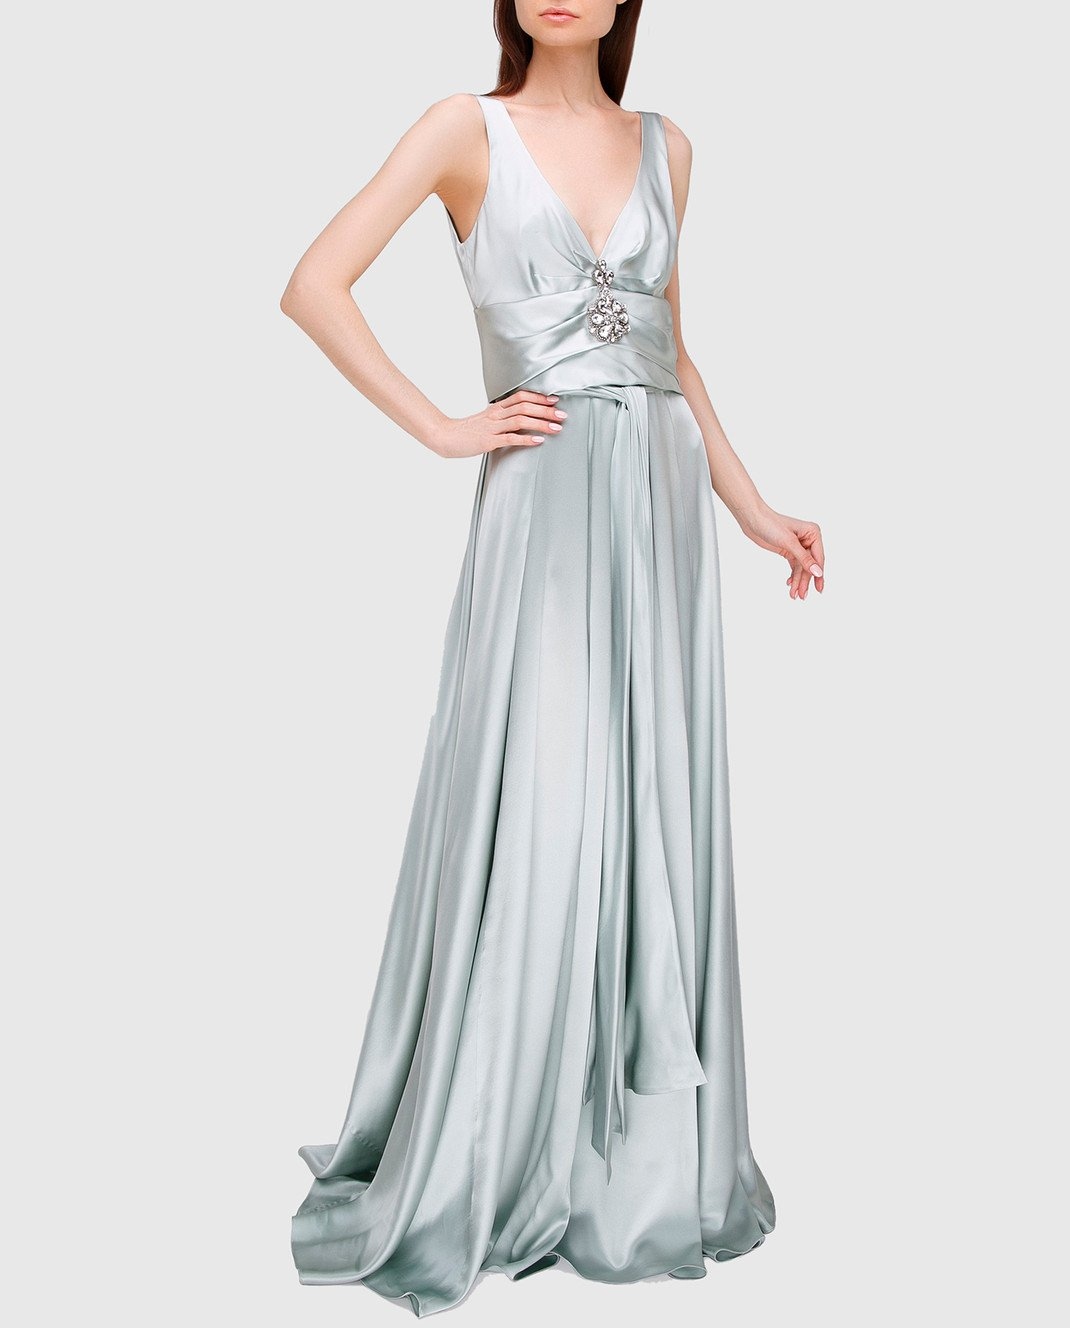 Collette Dinnigan Светло-серое платье из шелка 11115082 изображение 2